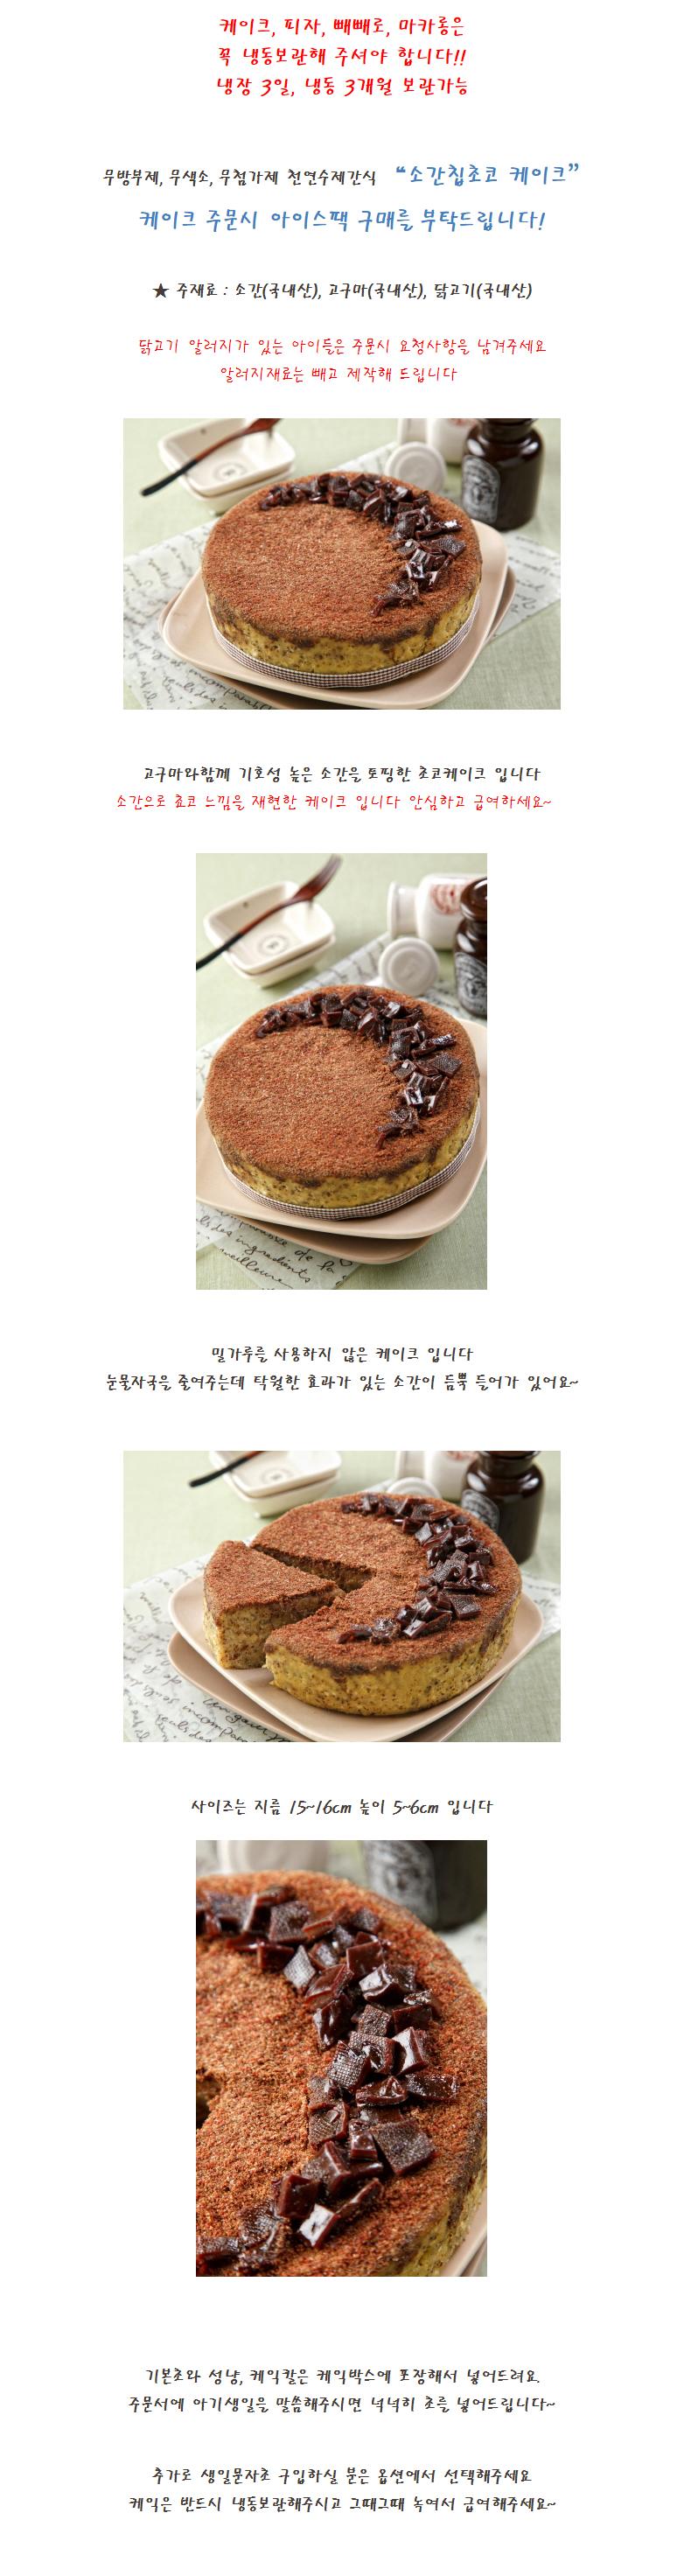 힐링펫 수제케익 소간칩초코 케이크 - 힐링펫, 26,000원, 간식/영양제, 수제간식